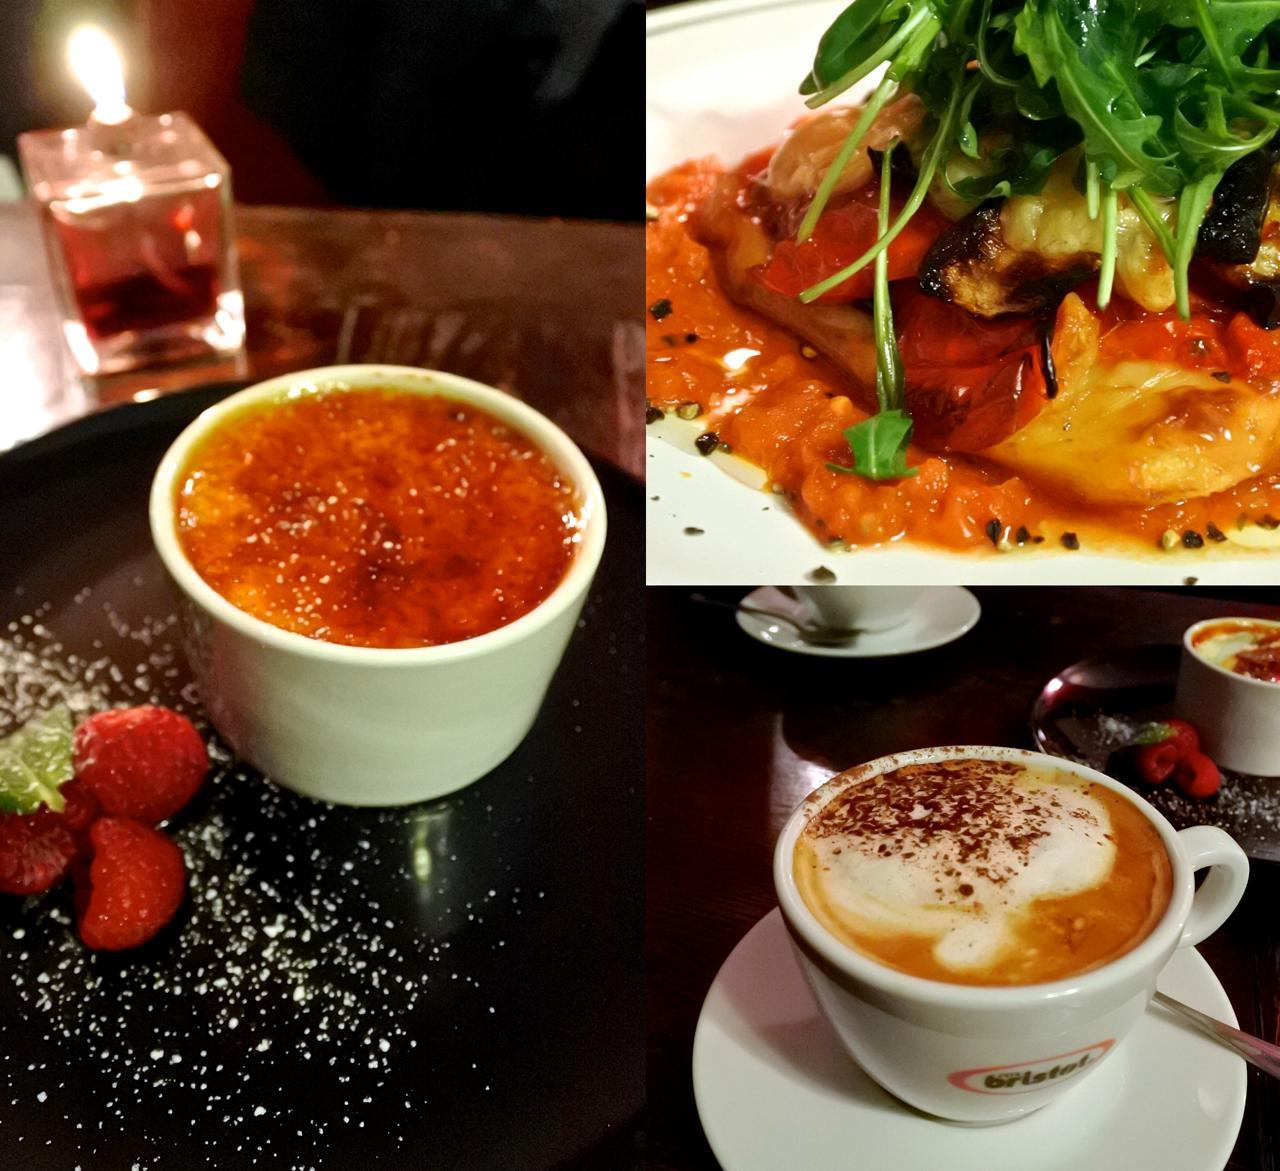 右上はロースト野菜とポレンタの一品。ベジ料理が美味しいのが得点高い ^^